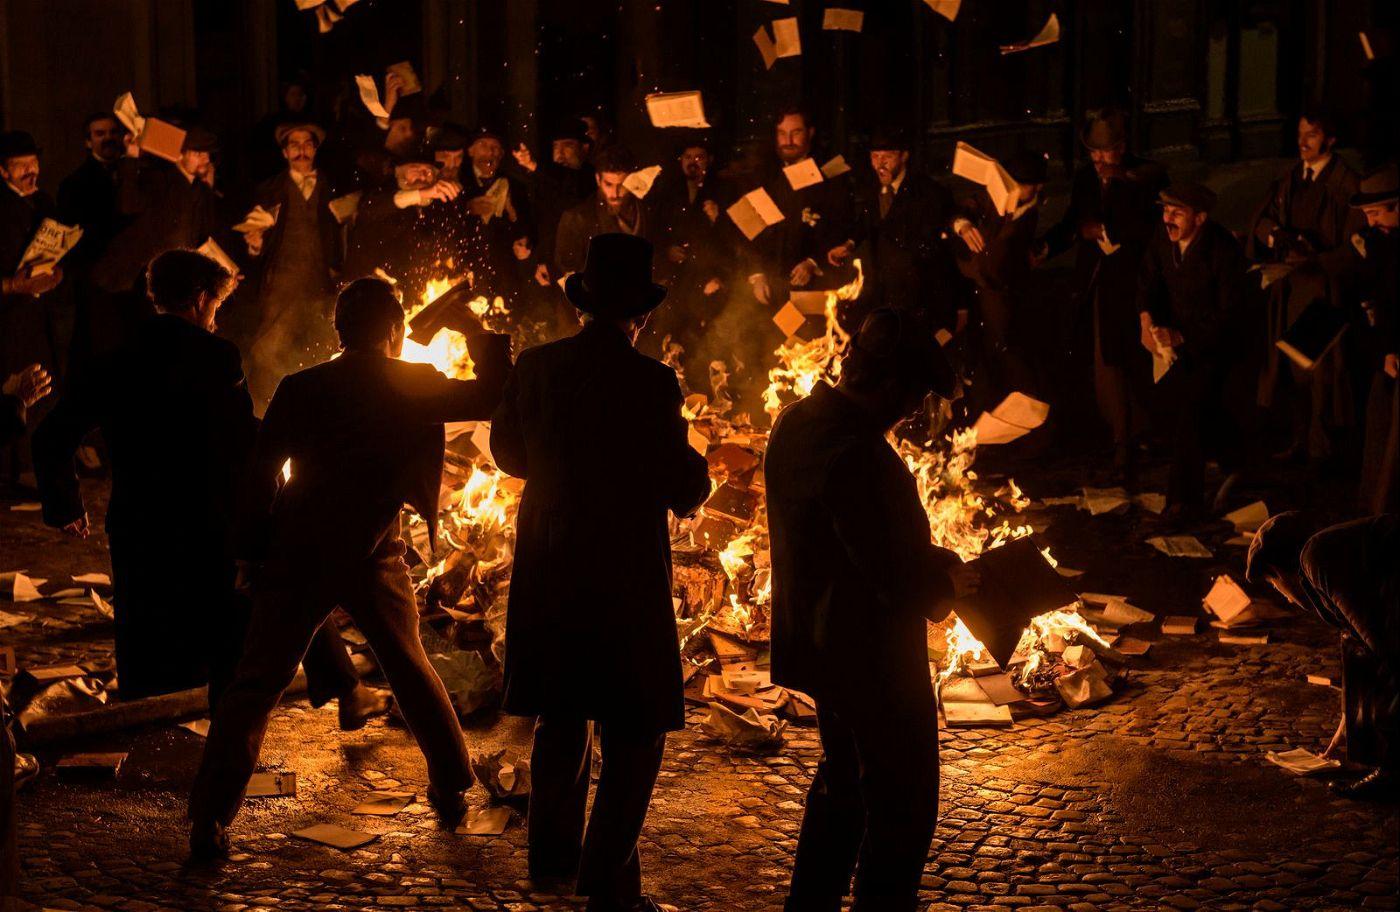 Im Zuge der Dreyfus-Affäre kommt es in Paris zu Ausschreitungen.